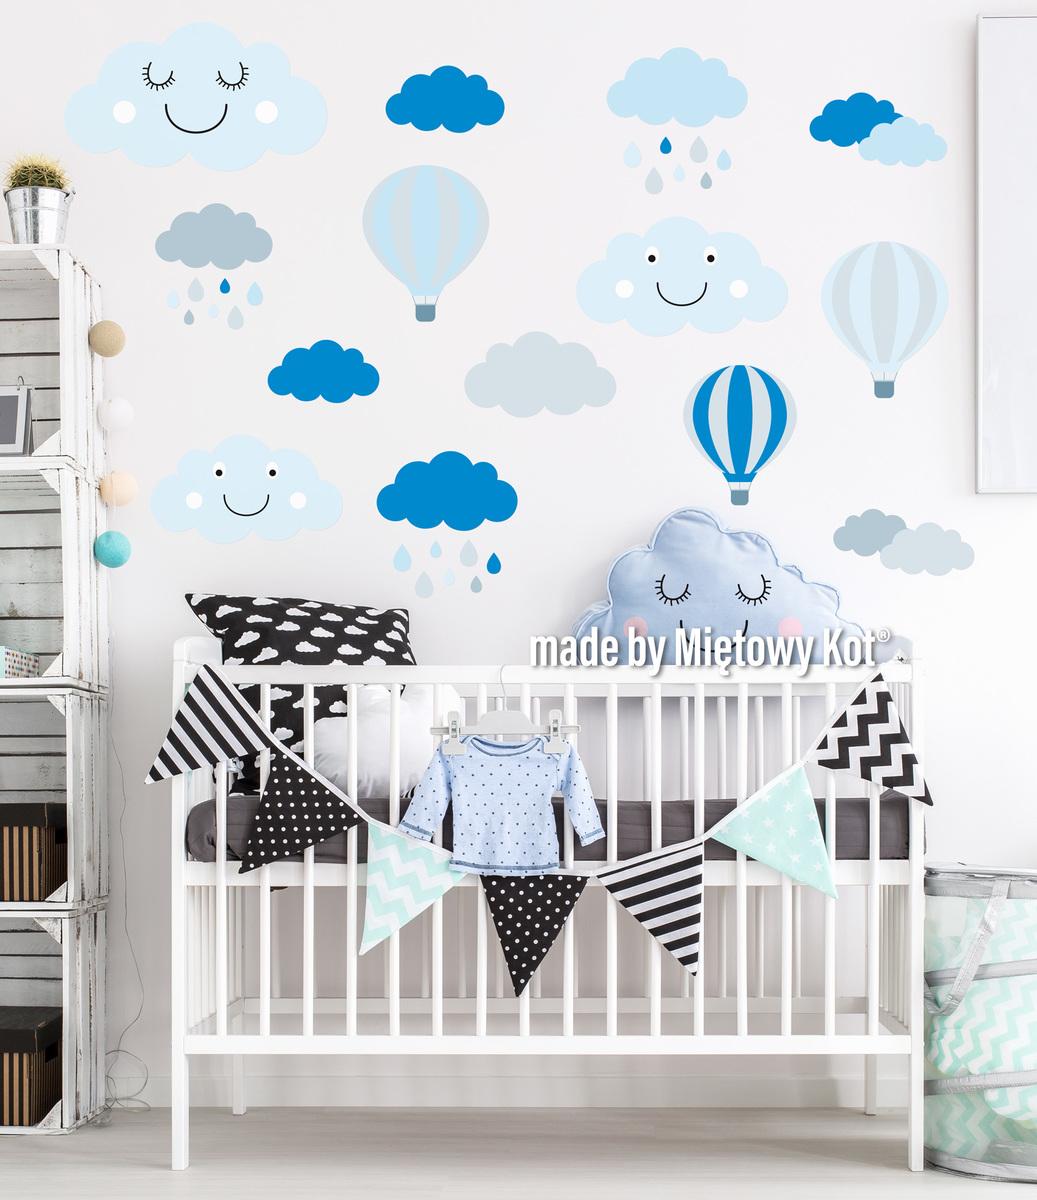 Dekorácia na stenu - mráčky a balóny šedo-modré